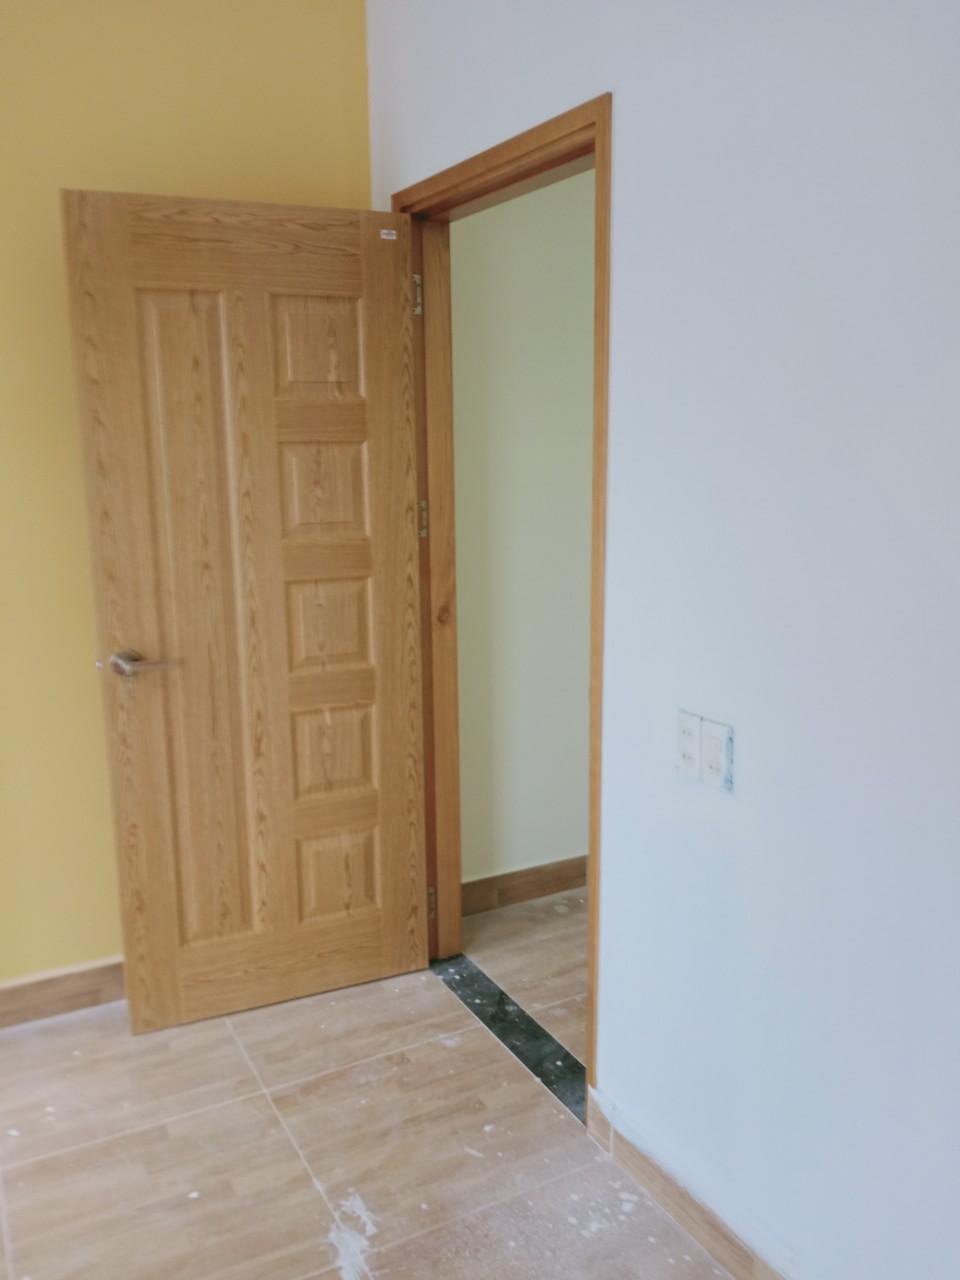 cửa-gỗ-công-nghiệp-hdf-veneer-bình-dương